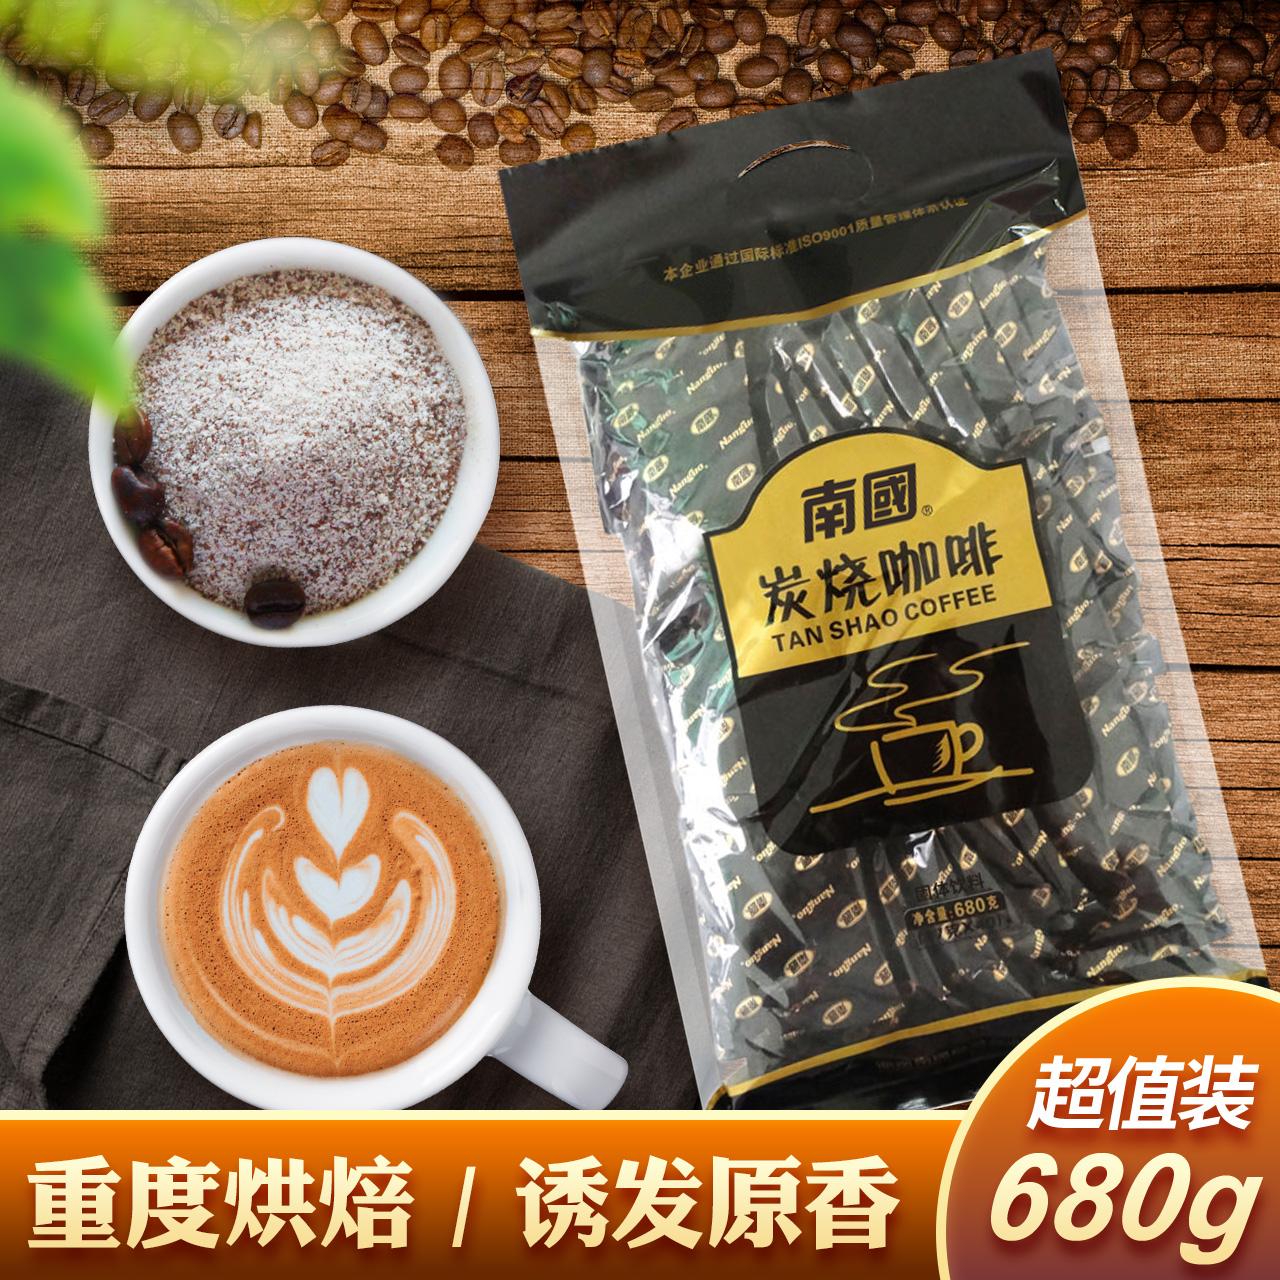 南国食品 海南特产炭烧咖啡680g速溶咖啡三合一休闲下午茶小袋装,可领取5元天猫优惠券